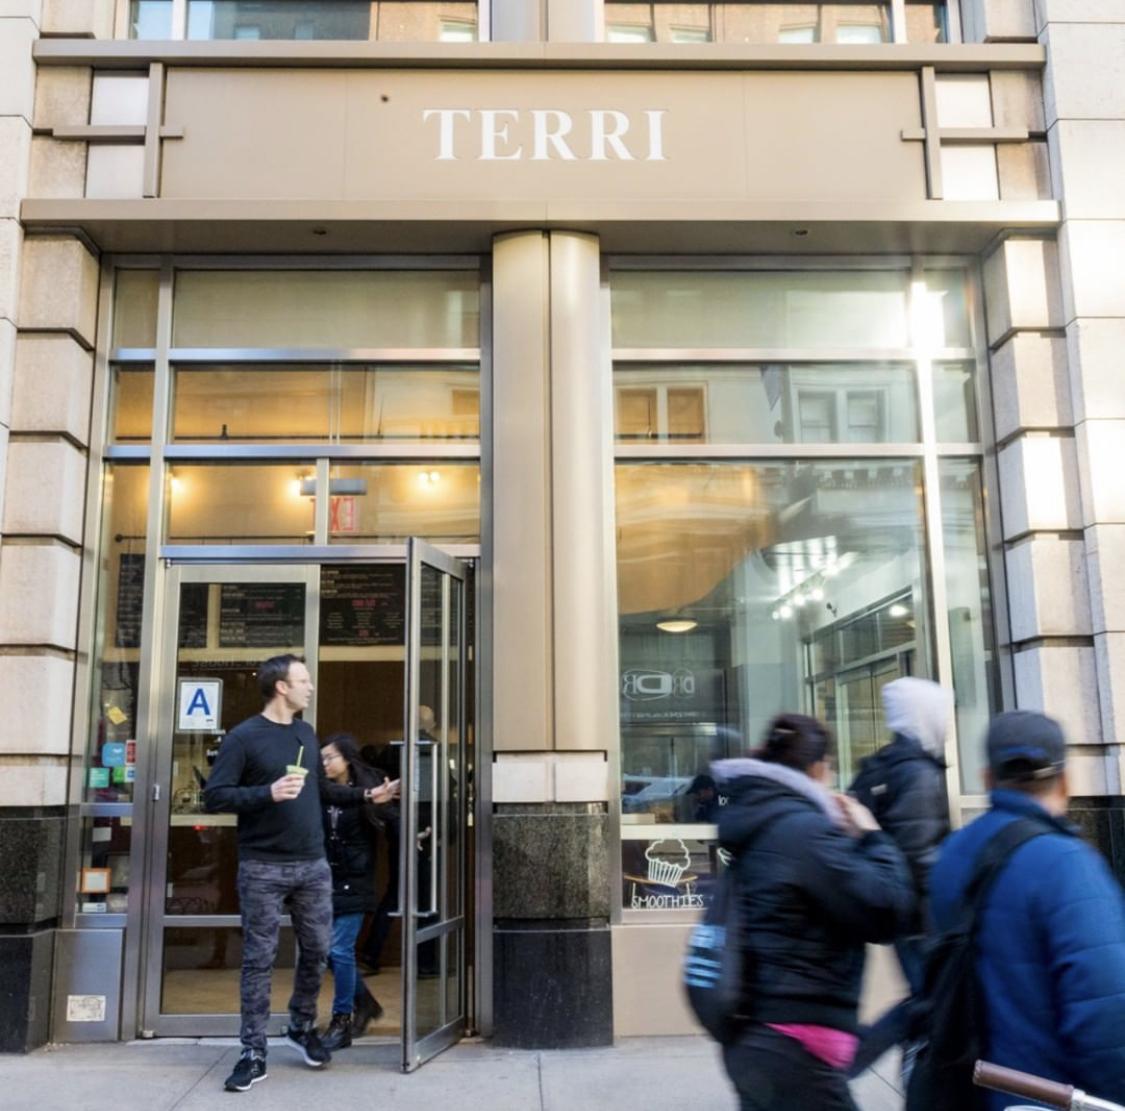 Kosher Vegan Restaurant Chain in NYC, TERRI, Closes 2 of its